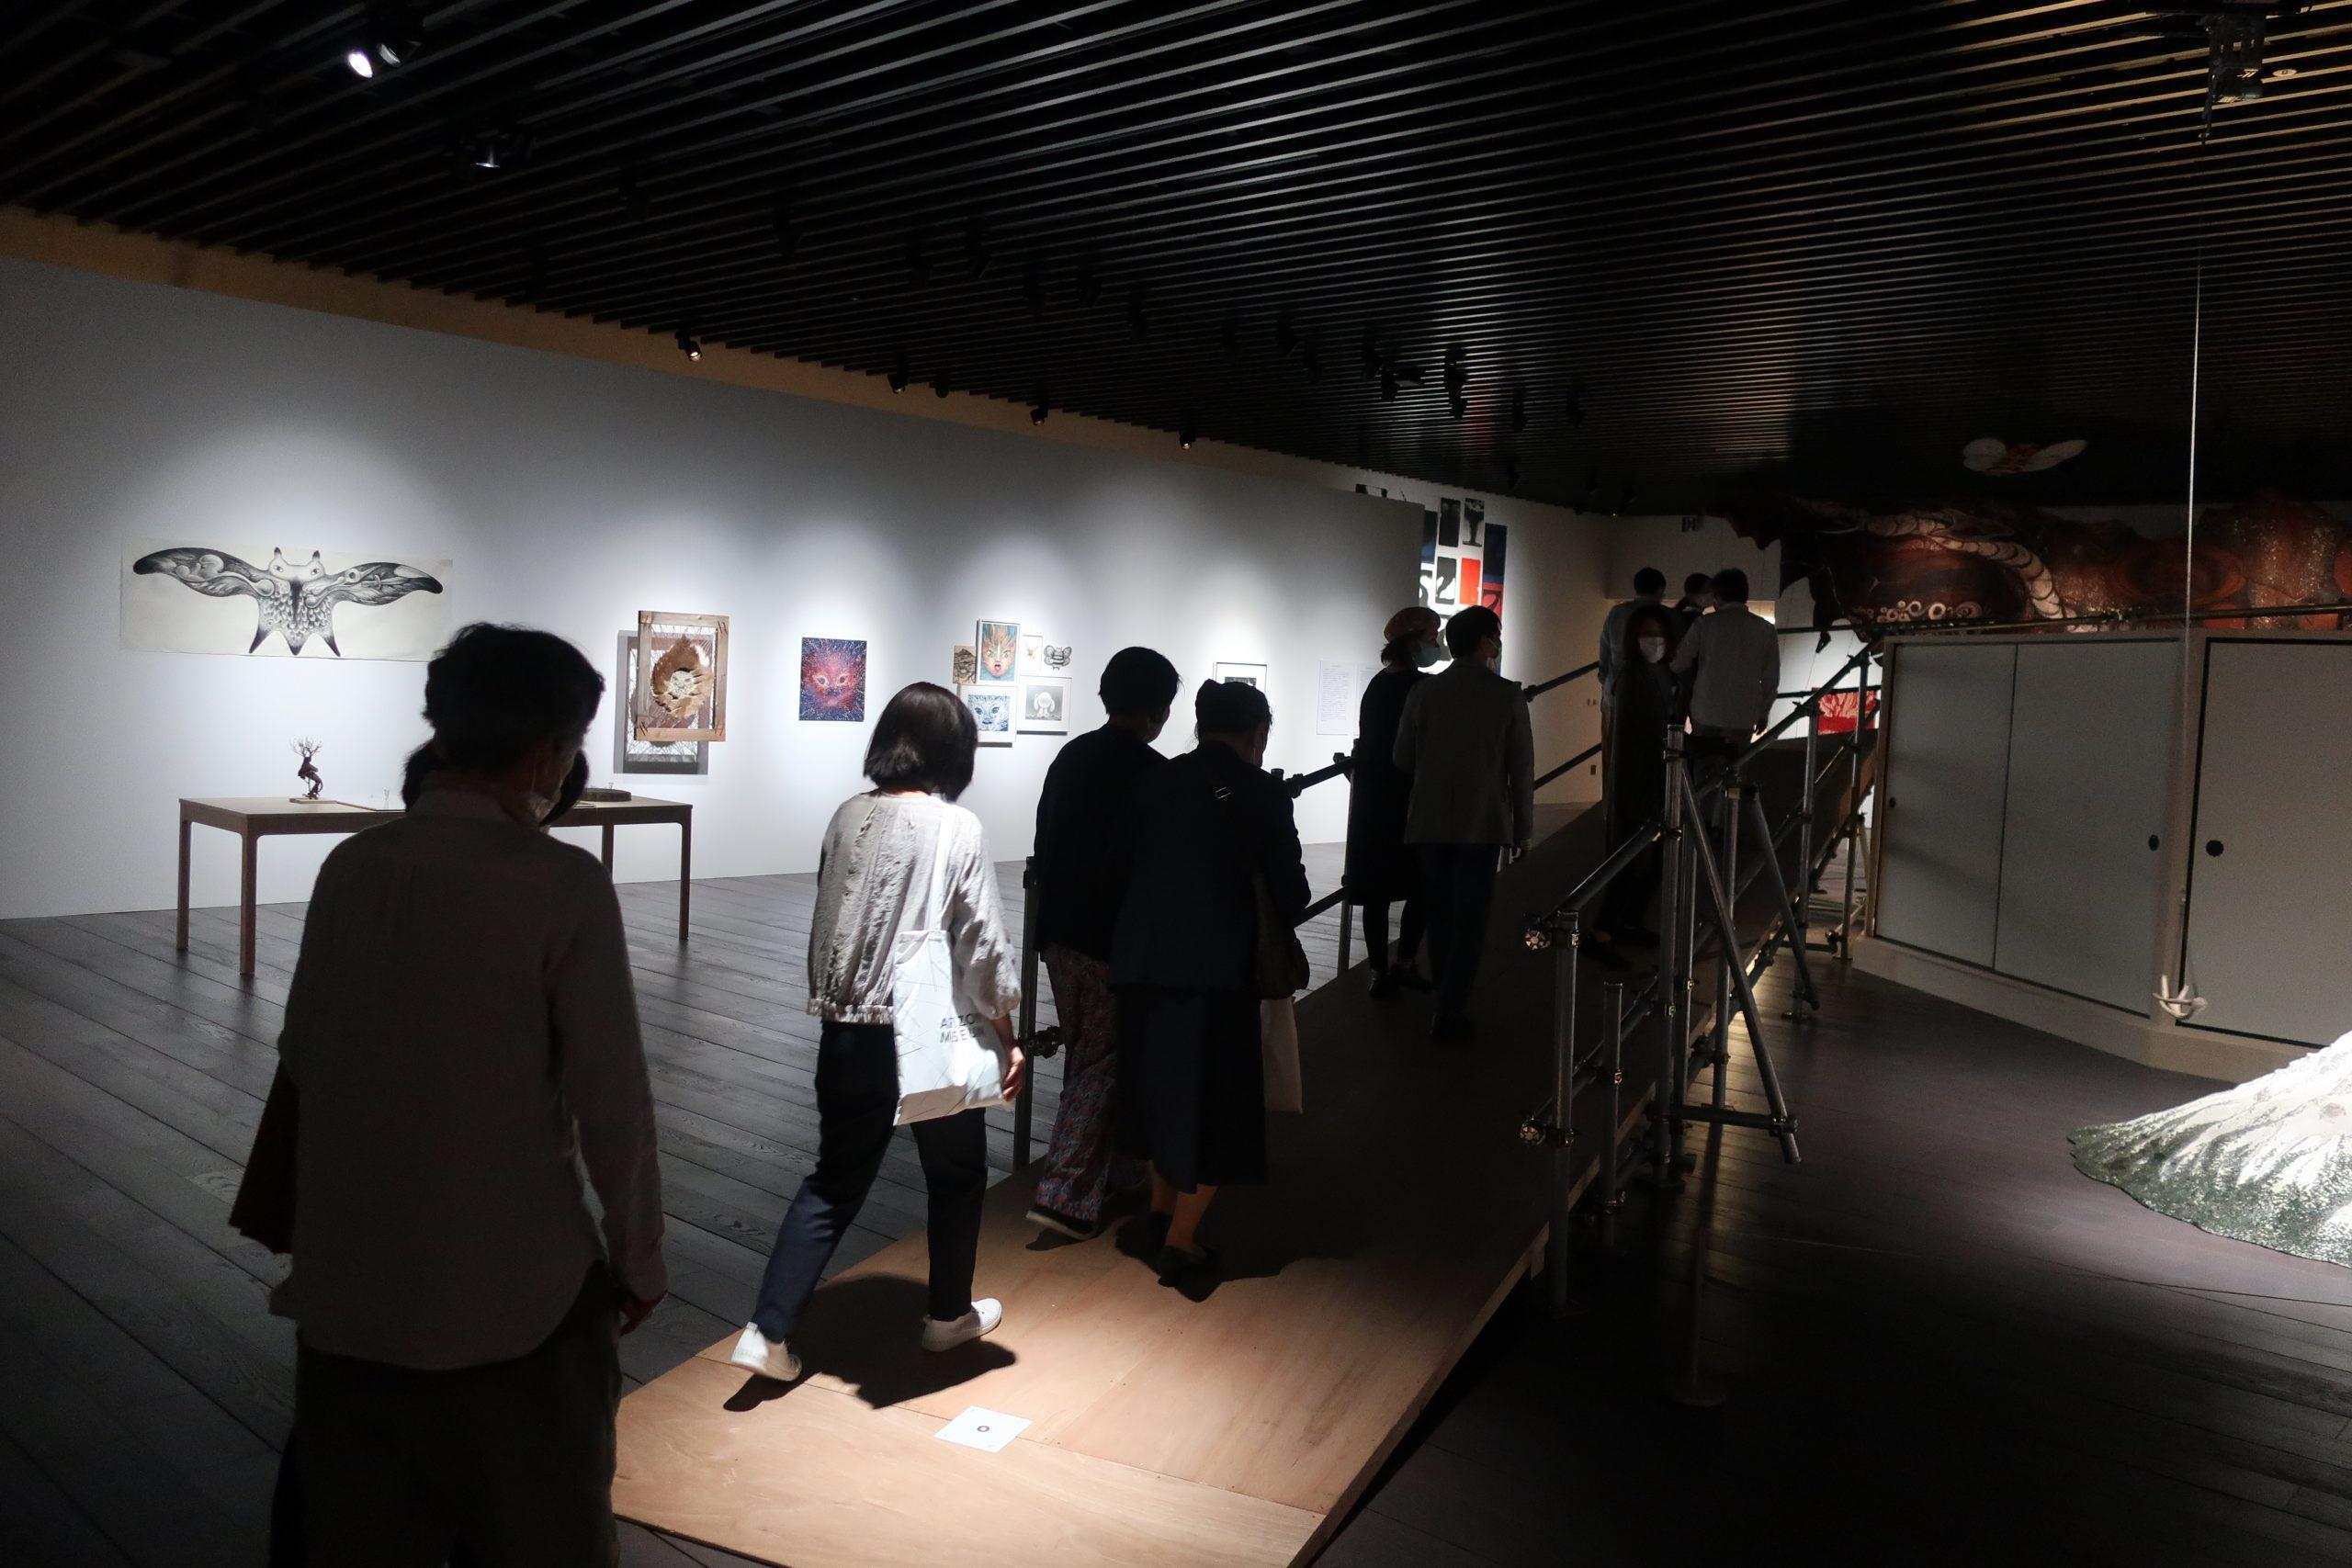 鴻池朋子 ちゅうがえり 関連プログラム「みる誕生」鑑賞会(全3回)